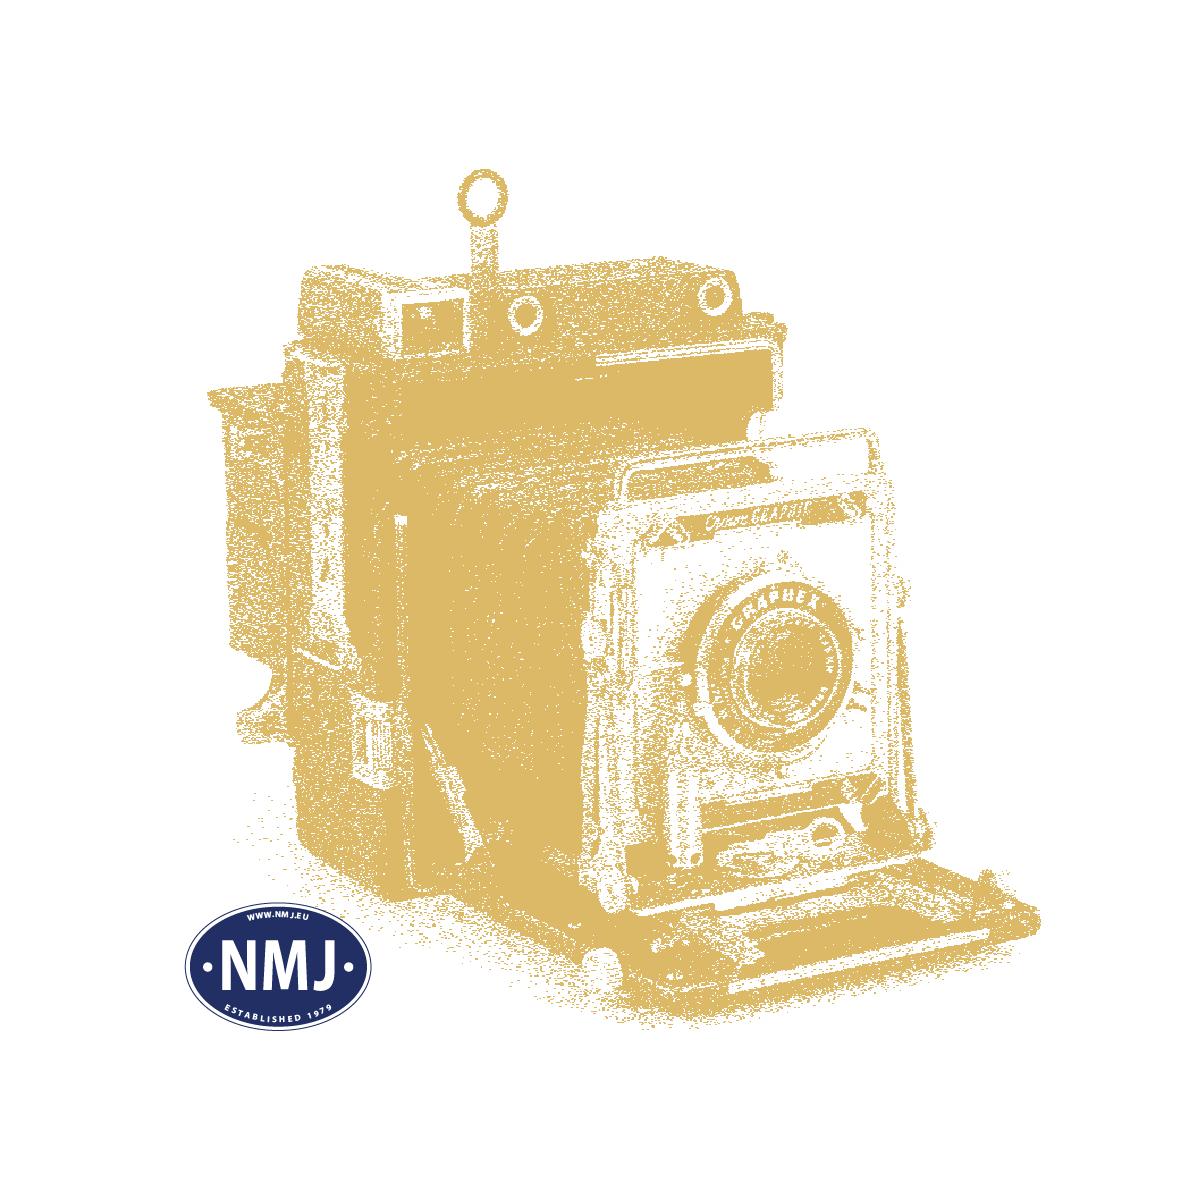 MBR51-2304 - Epletre, Sommer, 7 cm, TT/H0